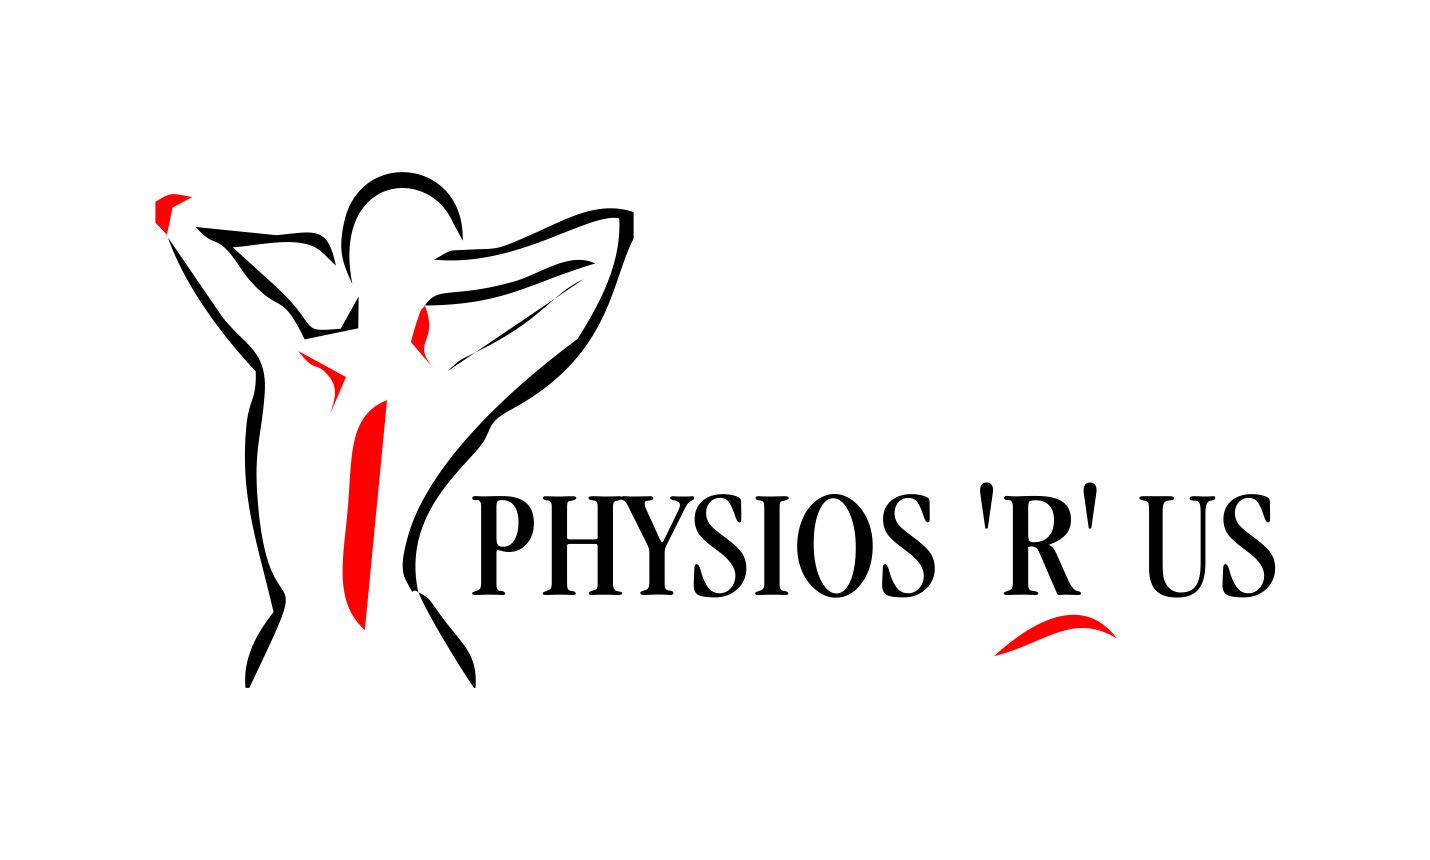 Physios 'R' Us company logo